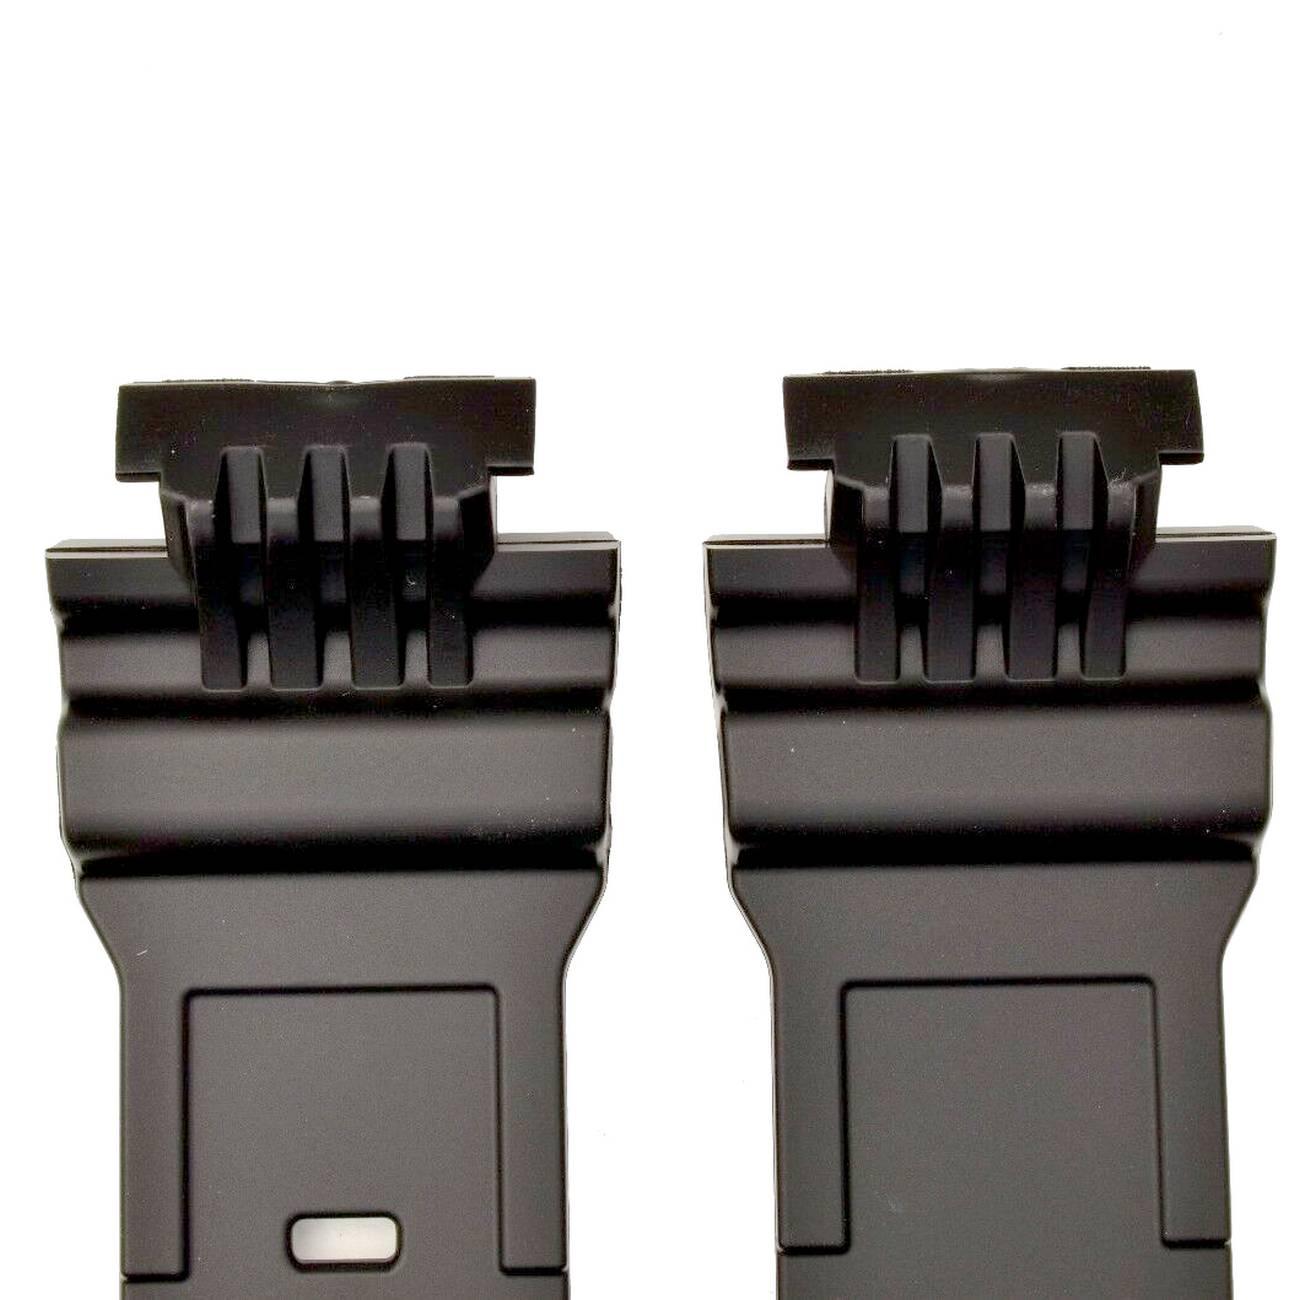 Pulseira Casio G-Shock Gd-x6900fb Preto Brilhante Fivela dourada*  - E-Presentes